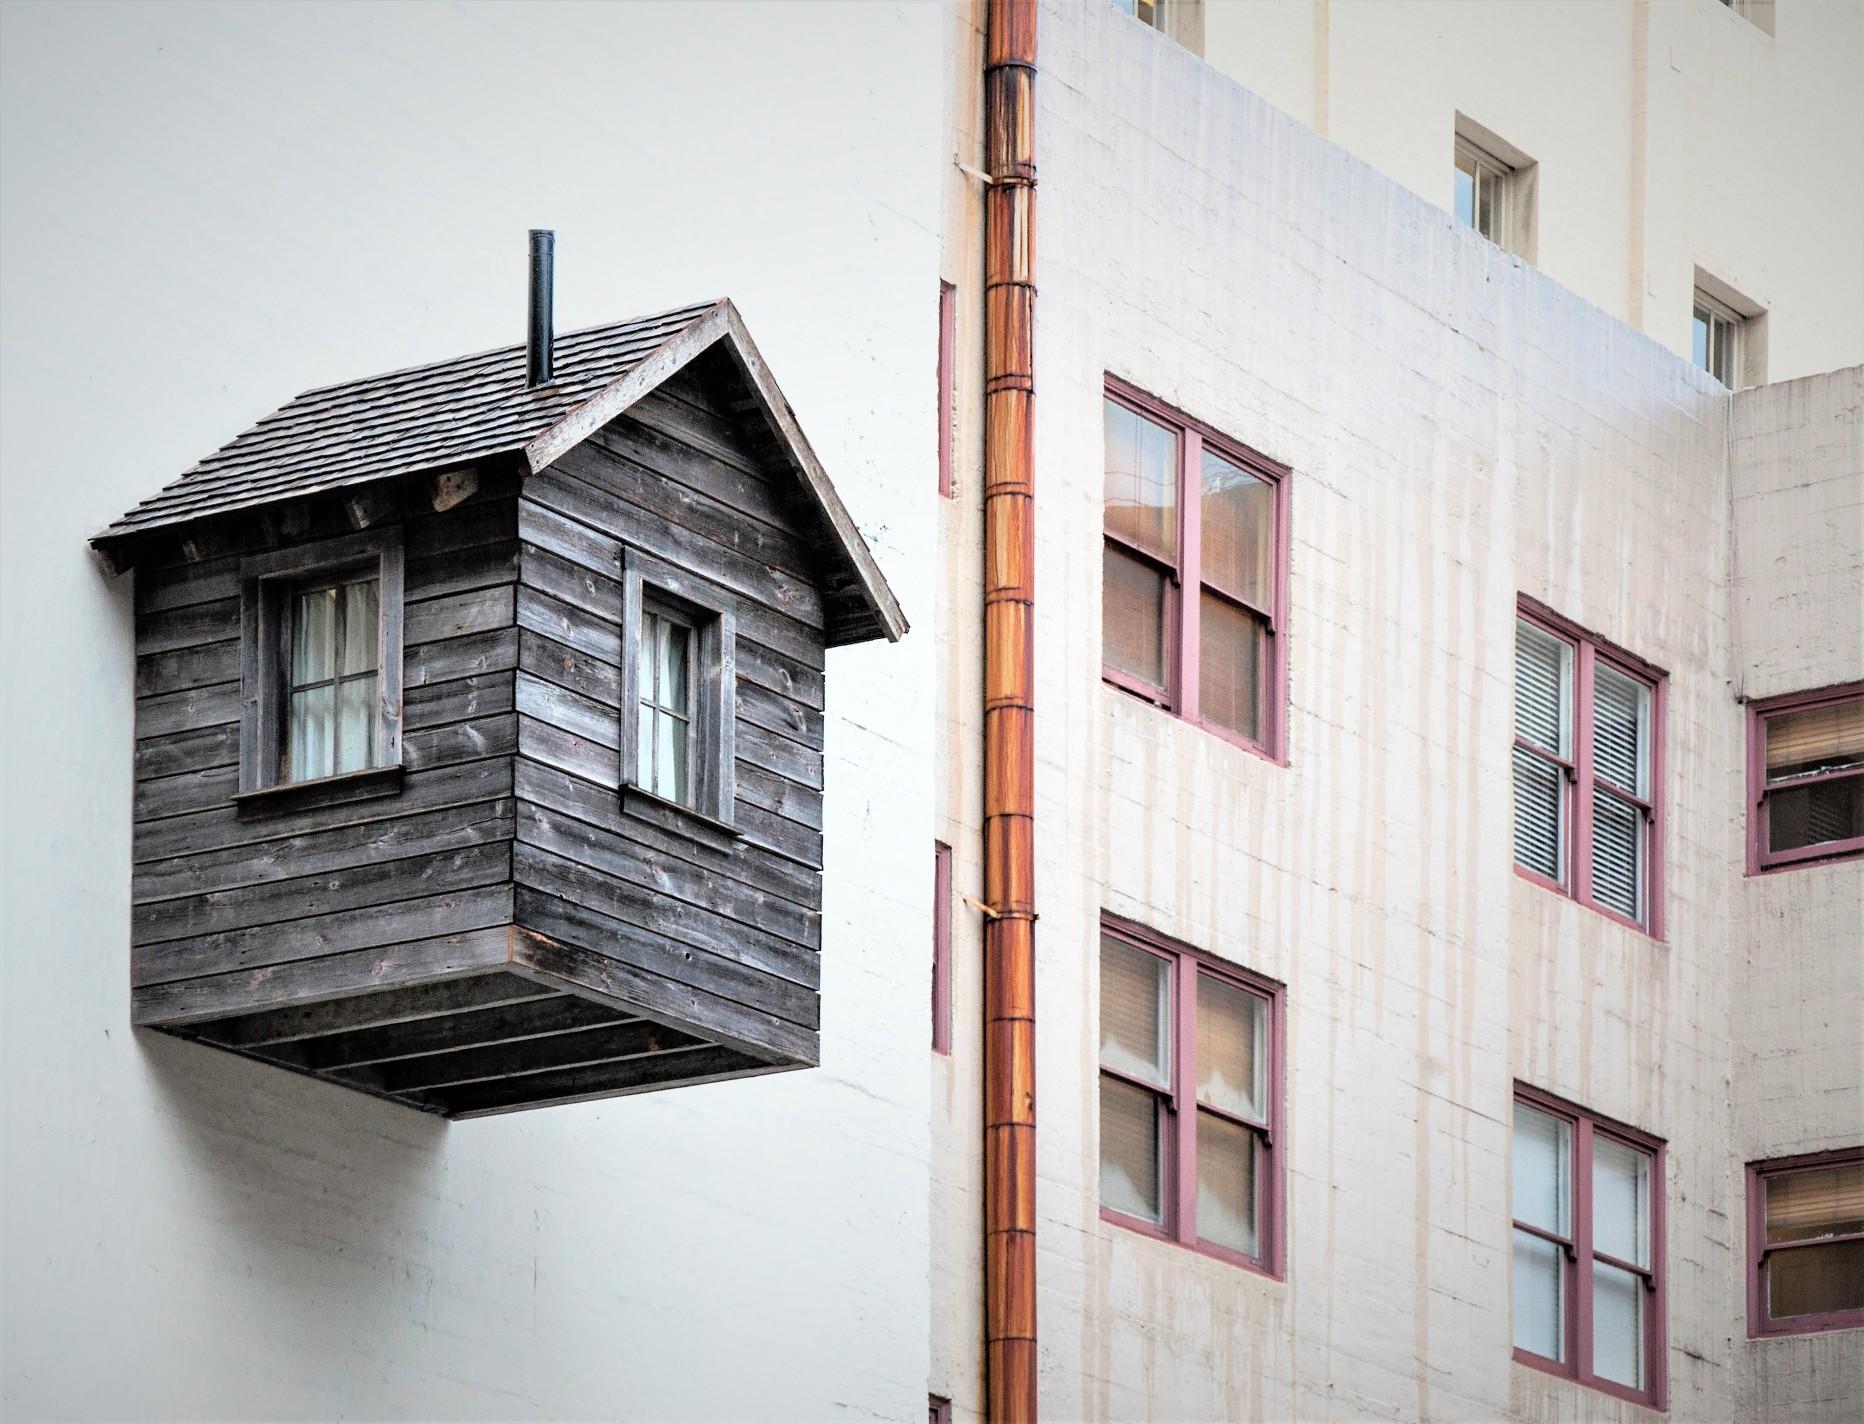 einnahmen aus vermietung und verpachtung versteuern was. Black Bedroom Furniture Sets. Home Design Ideas